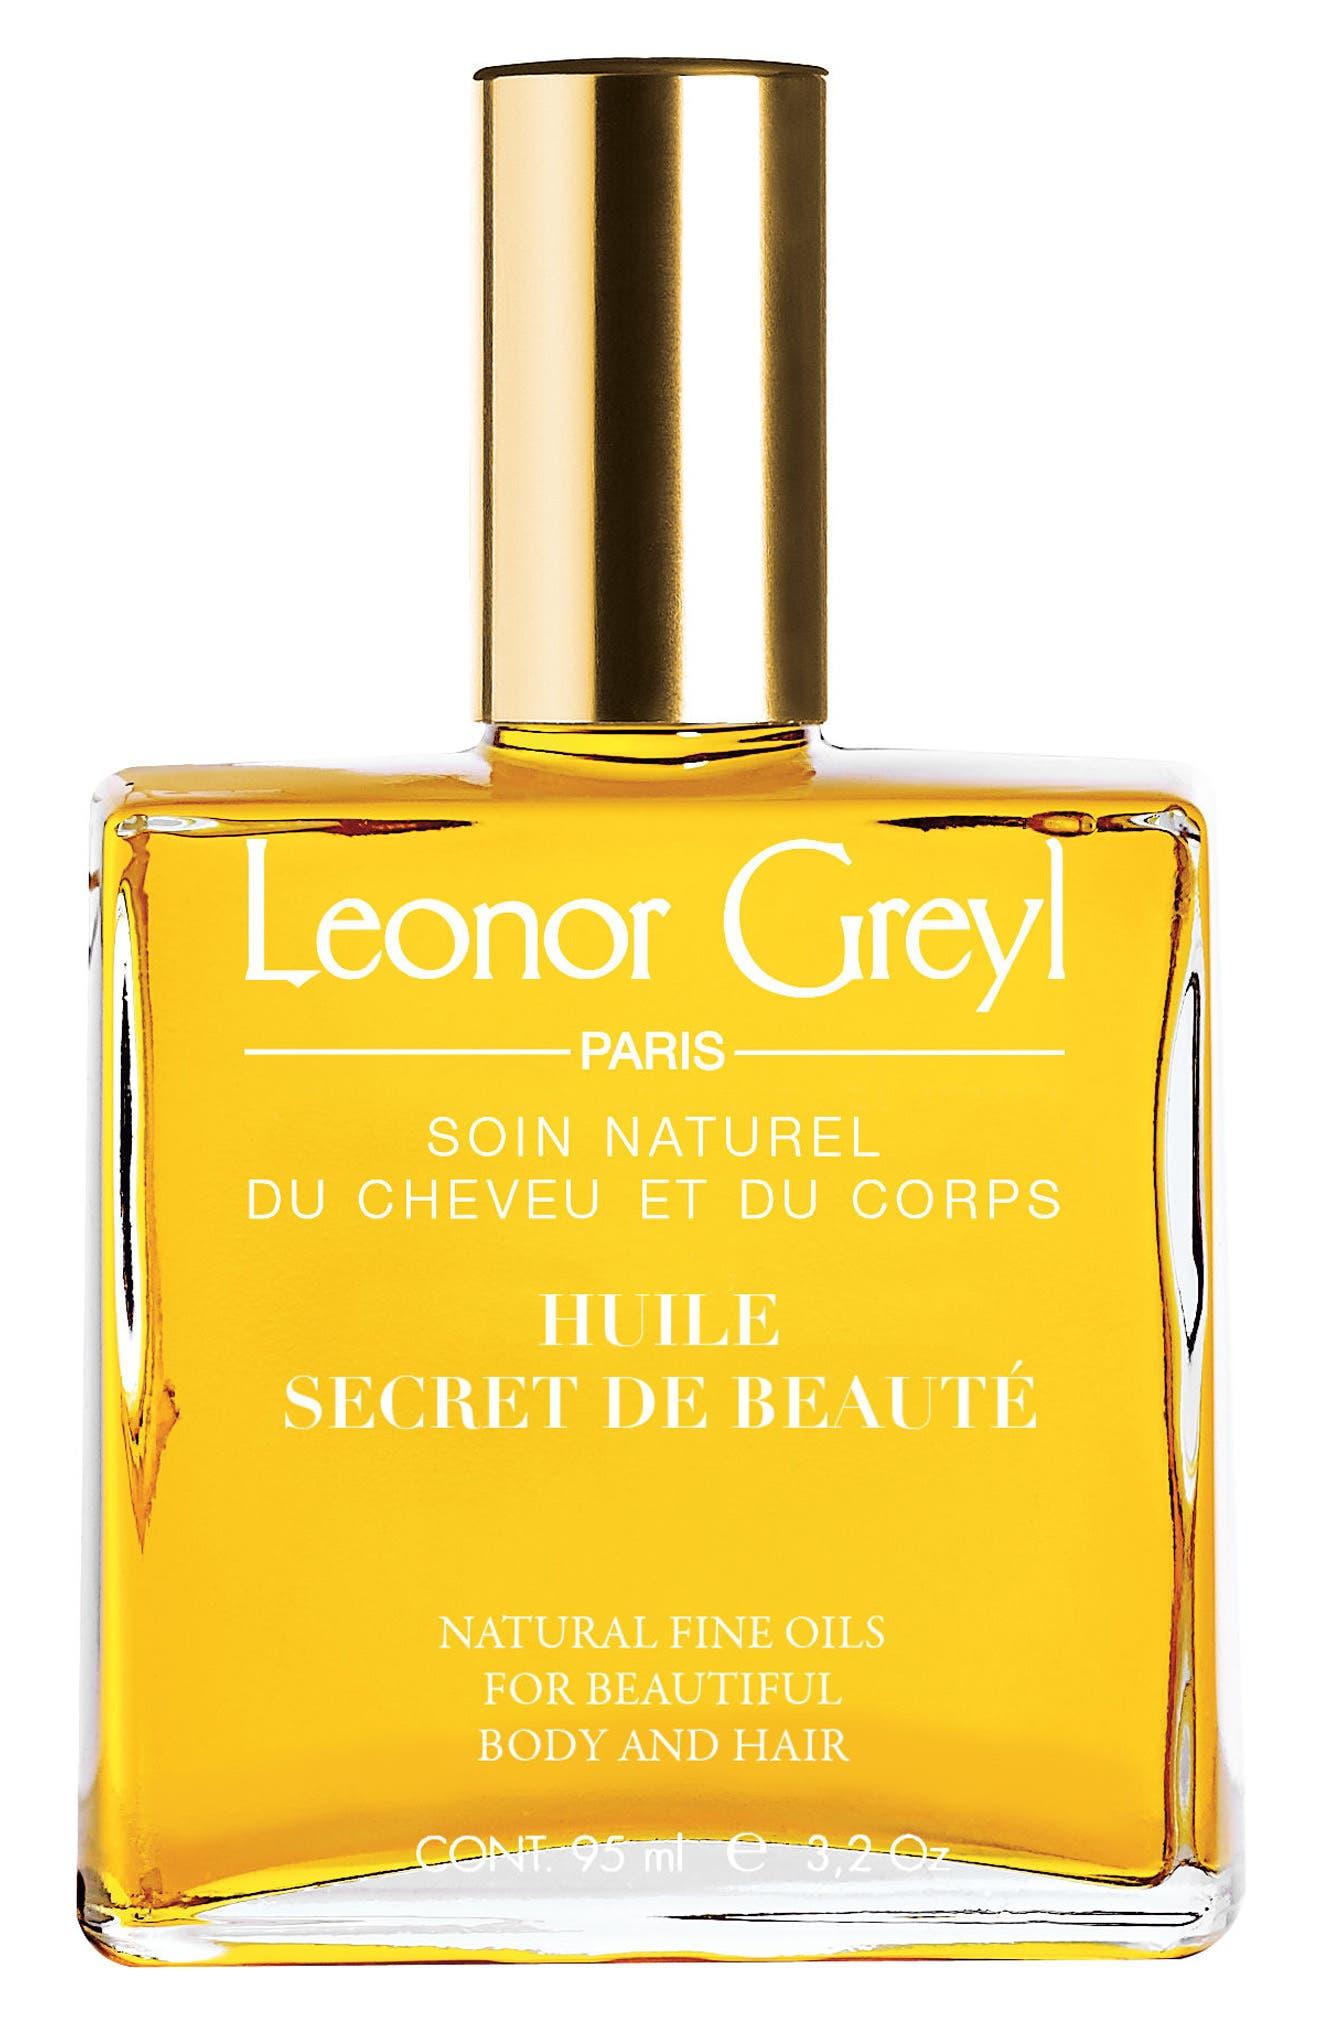 LEONOR GREYL PARIS Huile Secret de Beauté Hair & Skin Oil, Main, color, NO COLOR